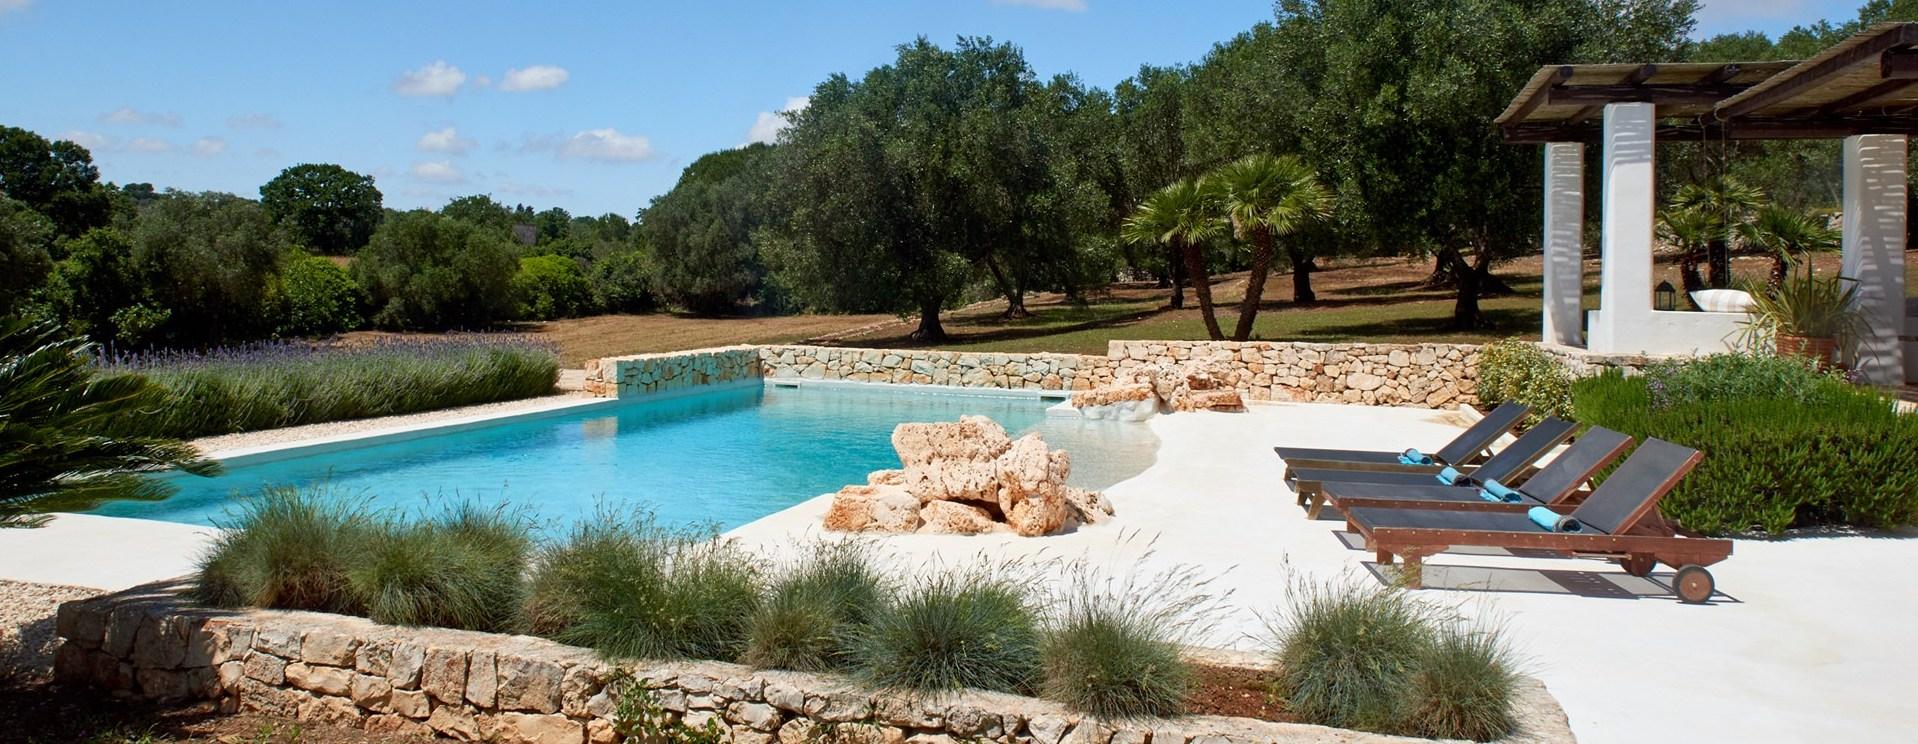 la-moresca-swimming-pool